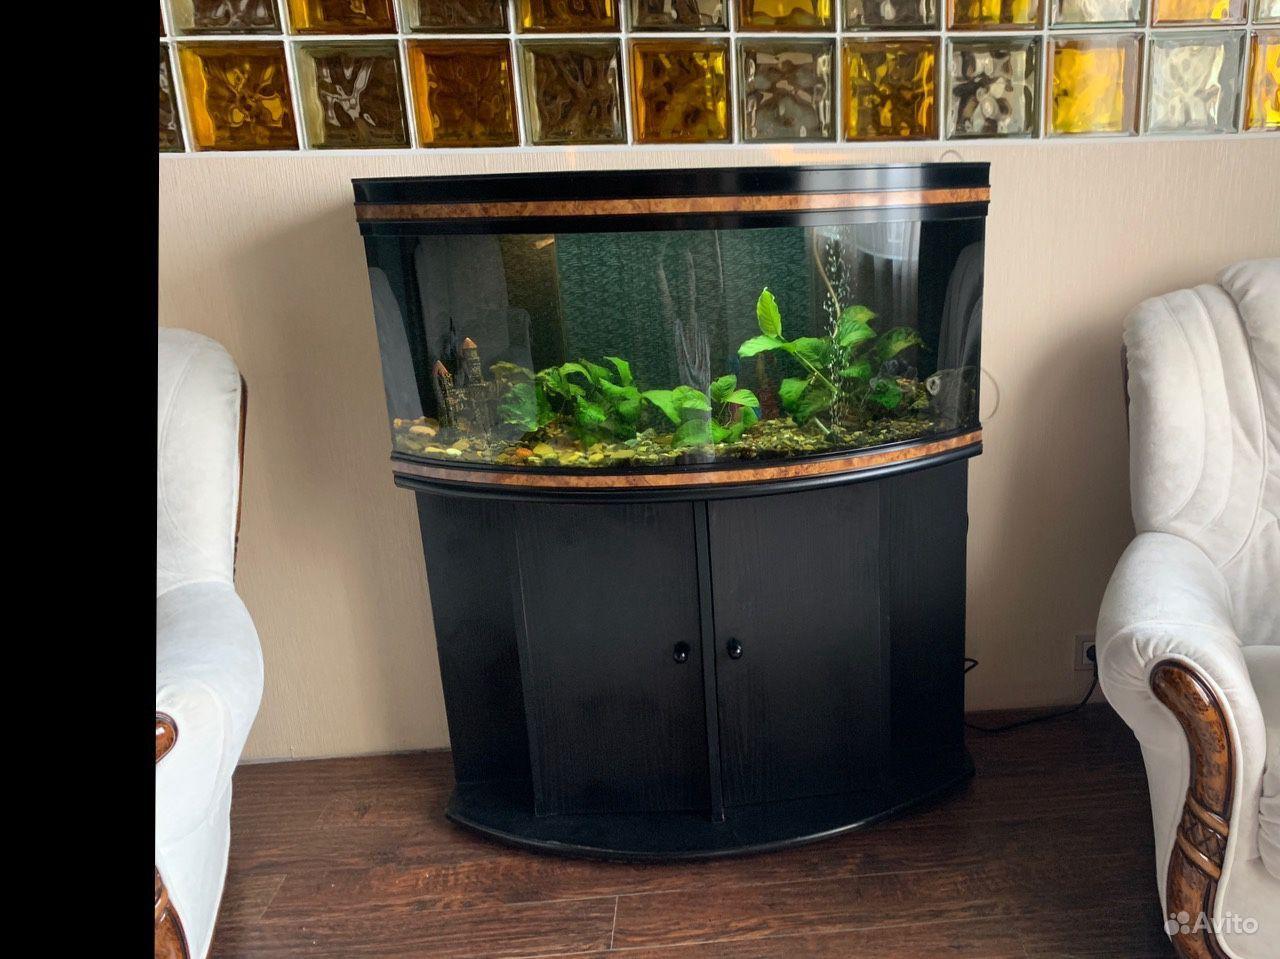 Панорамный аквариум 200л, укомплектован, Франция купить на Зозу.ру - фотография № 1